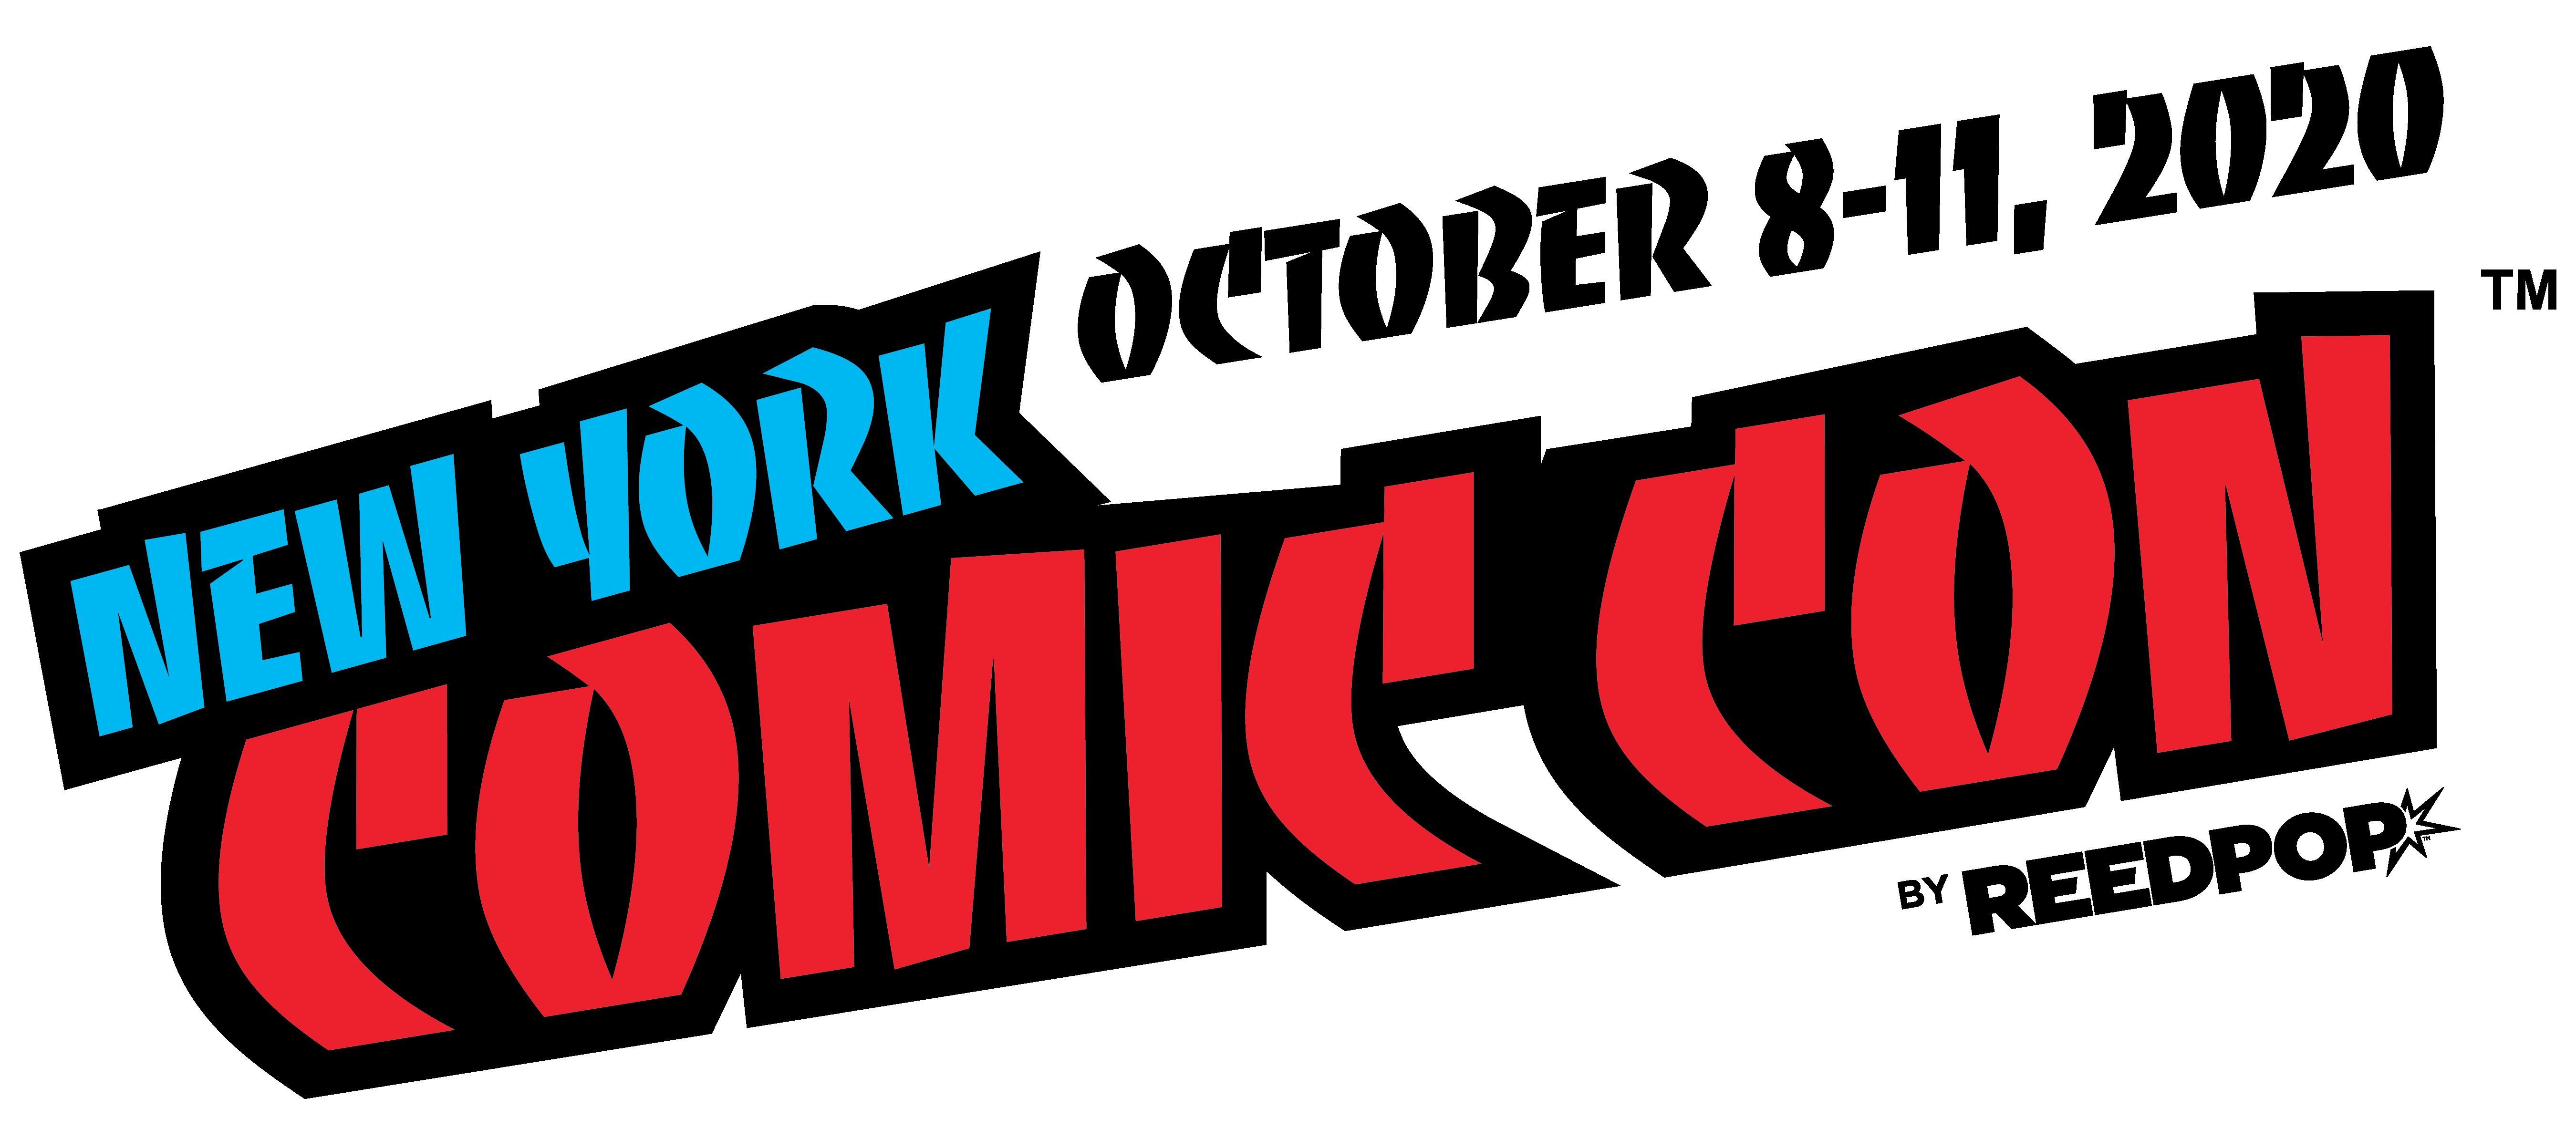 New York Comic Con 2020, le récapitulatif